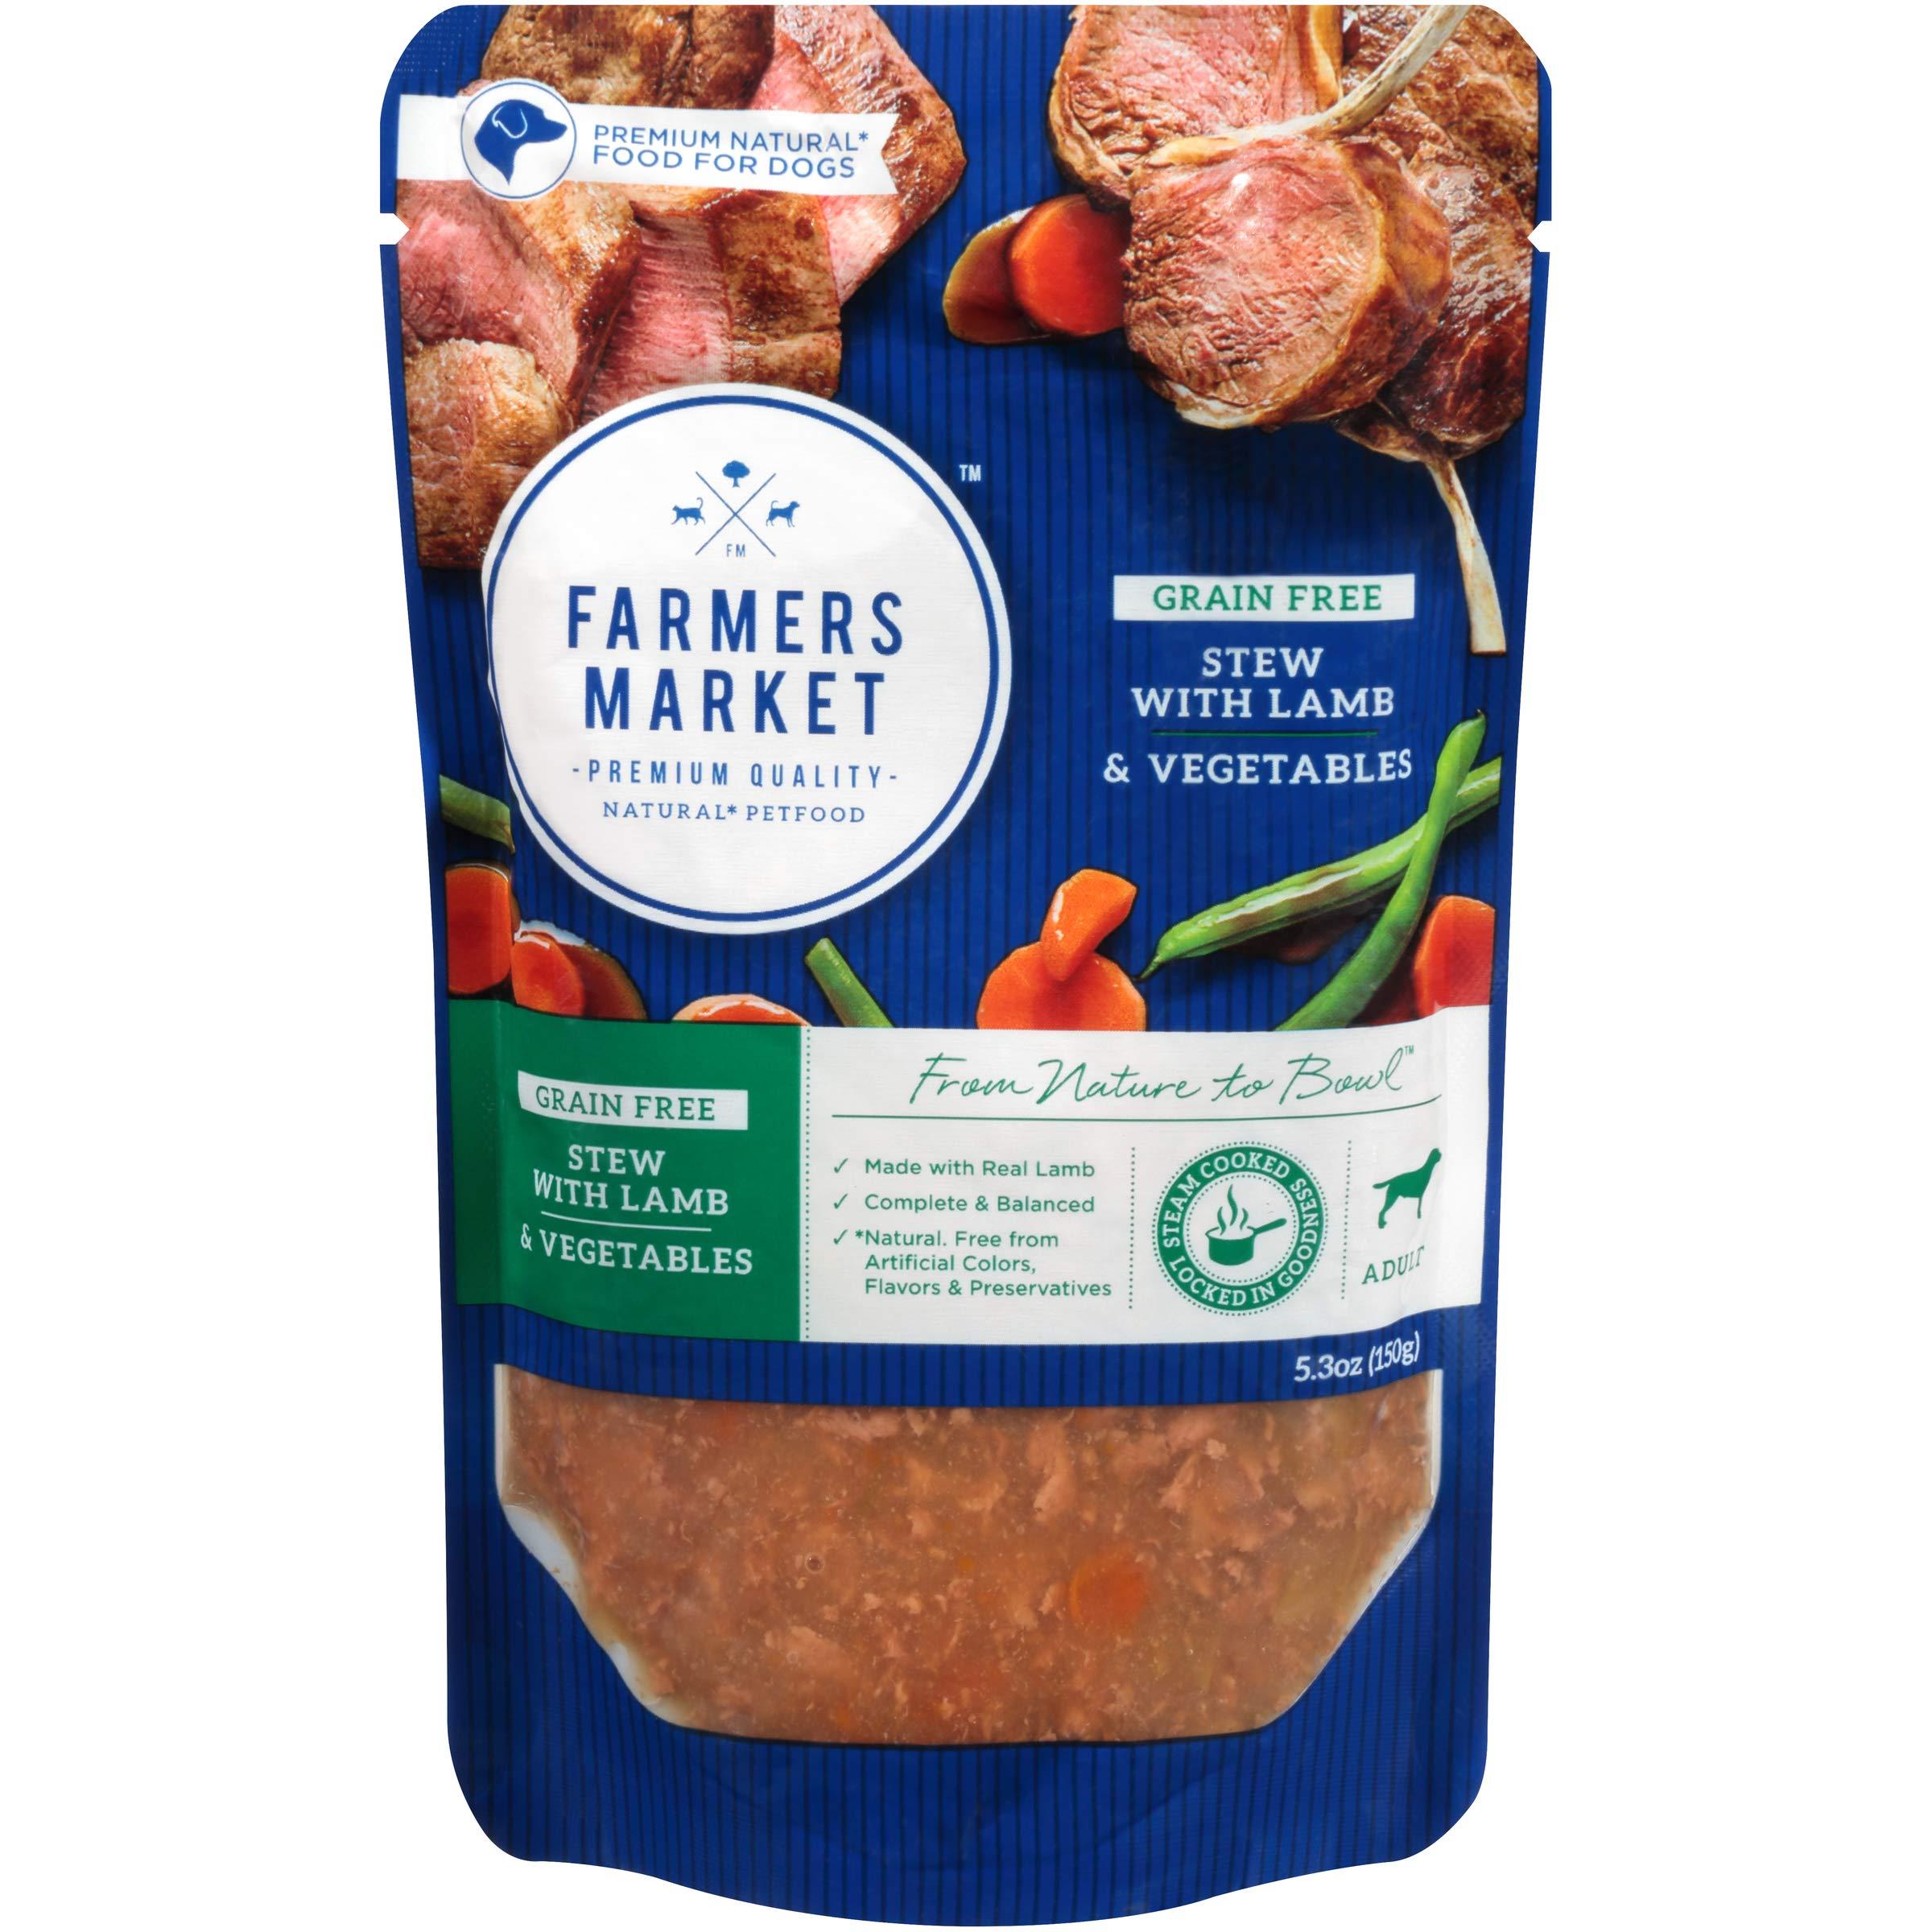 Farmers Market Pet Food Premium Natural Grain-Free Wet Dog Food Pouch, 5.3 oz, Lamb & Vegetables (Case of 24) by Farmers Market Pet Food